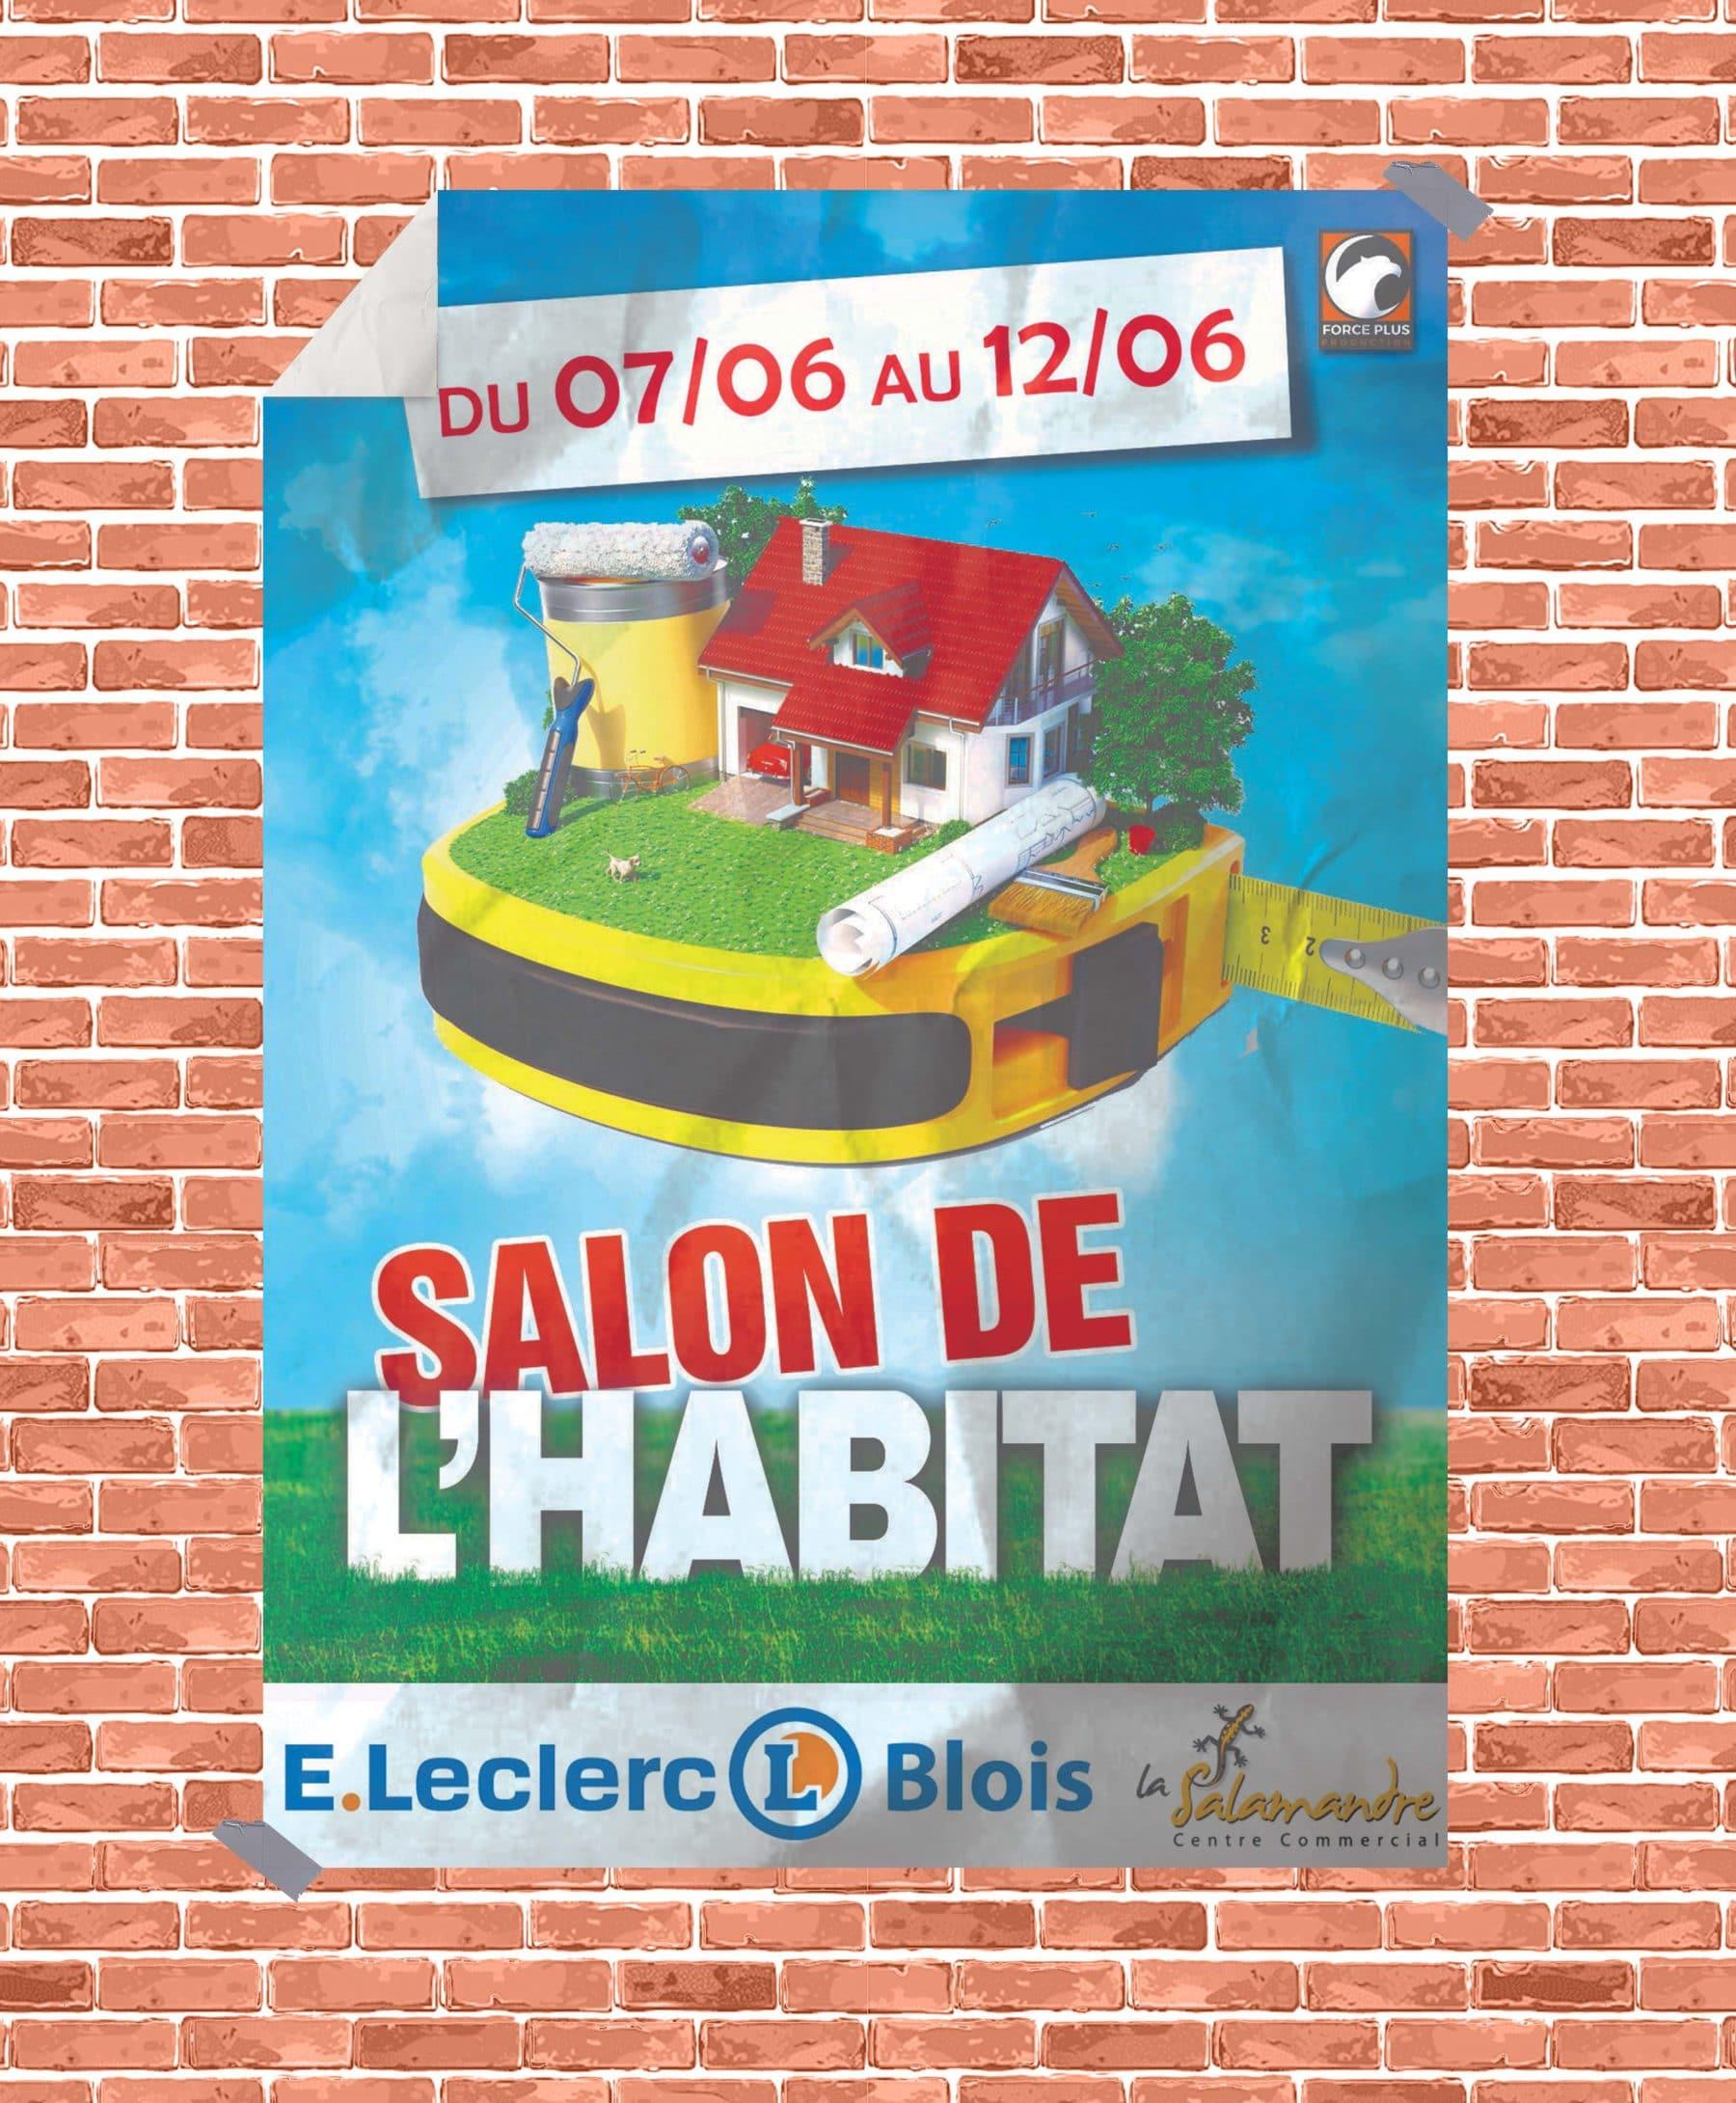 Salon habitat leclerc blois maisons concept